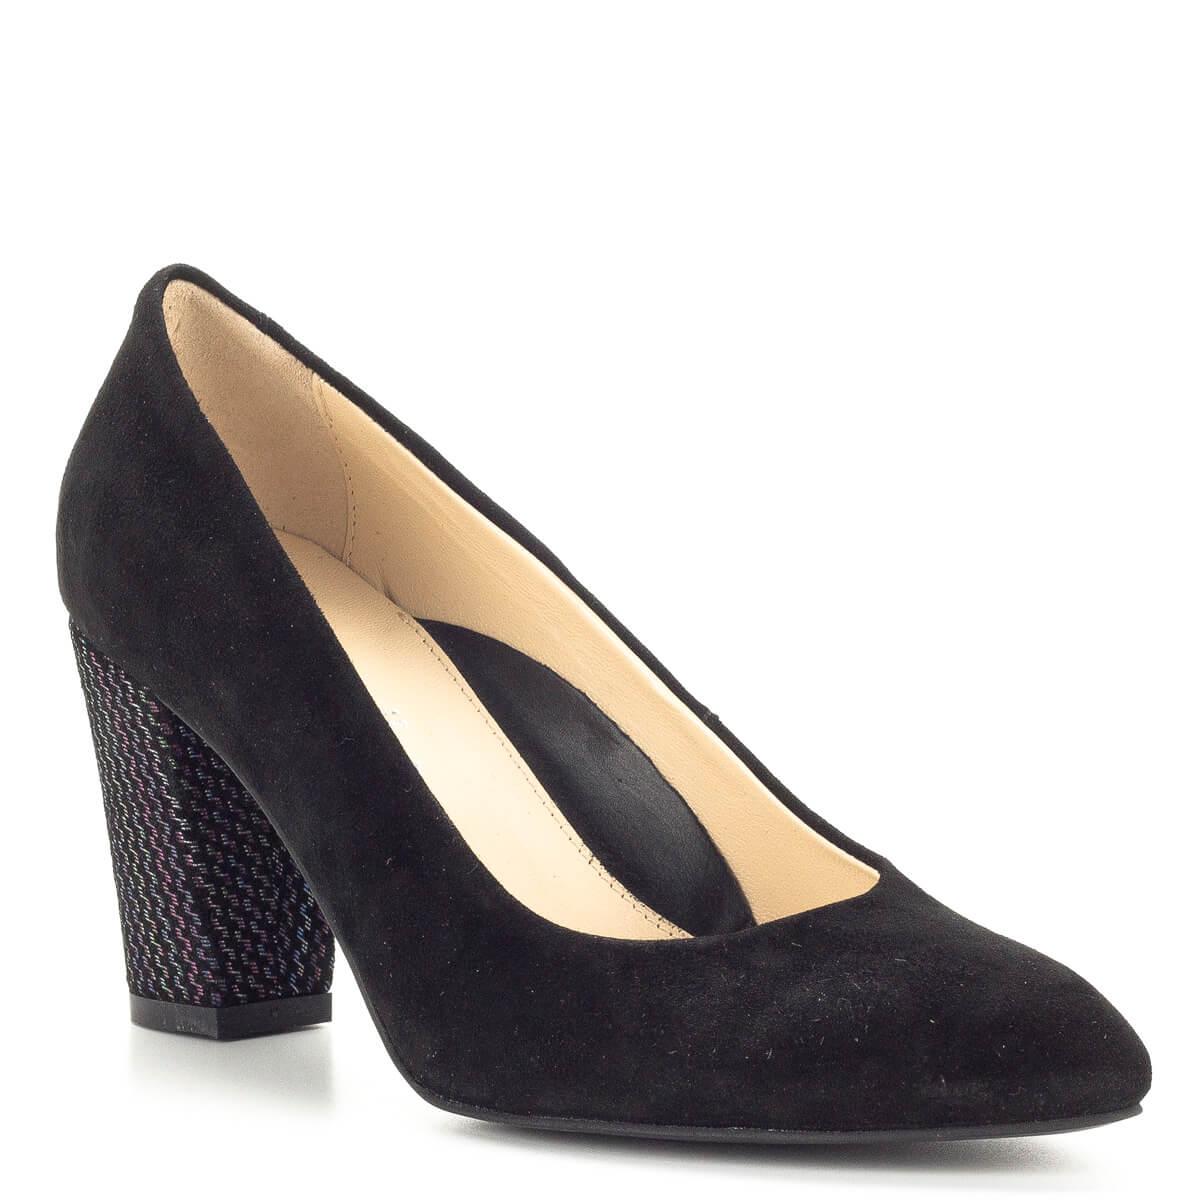 ... Clarette fekete magassarkú cipő velúr bőr anyagból bőr béléssel. A cipő  orra enyhén nyújtott 1dc25e5e41